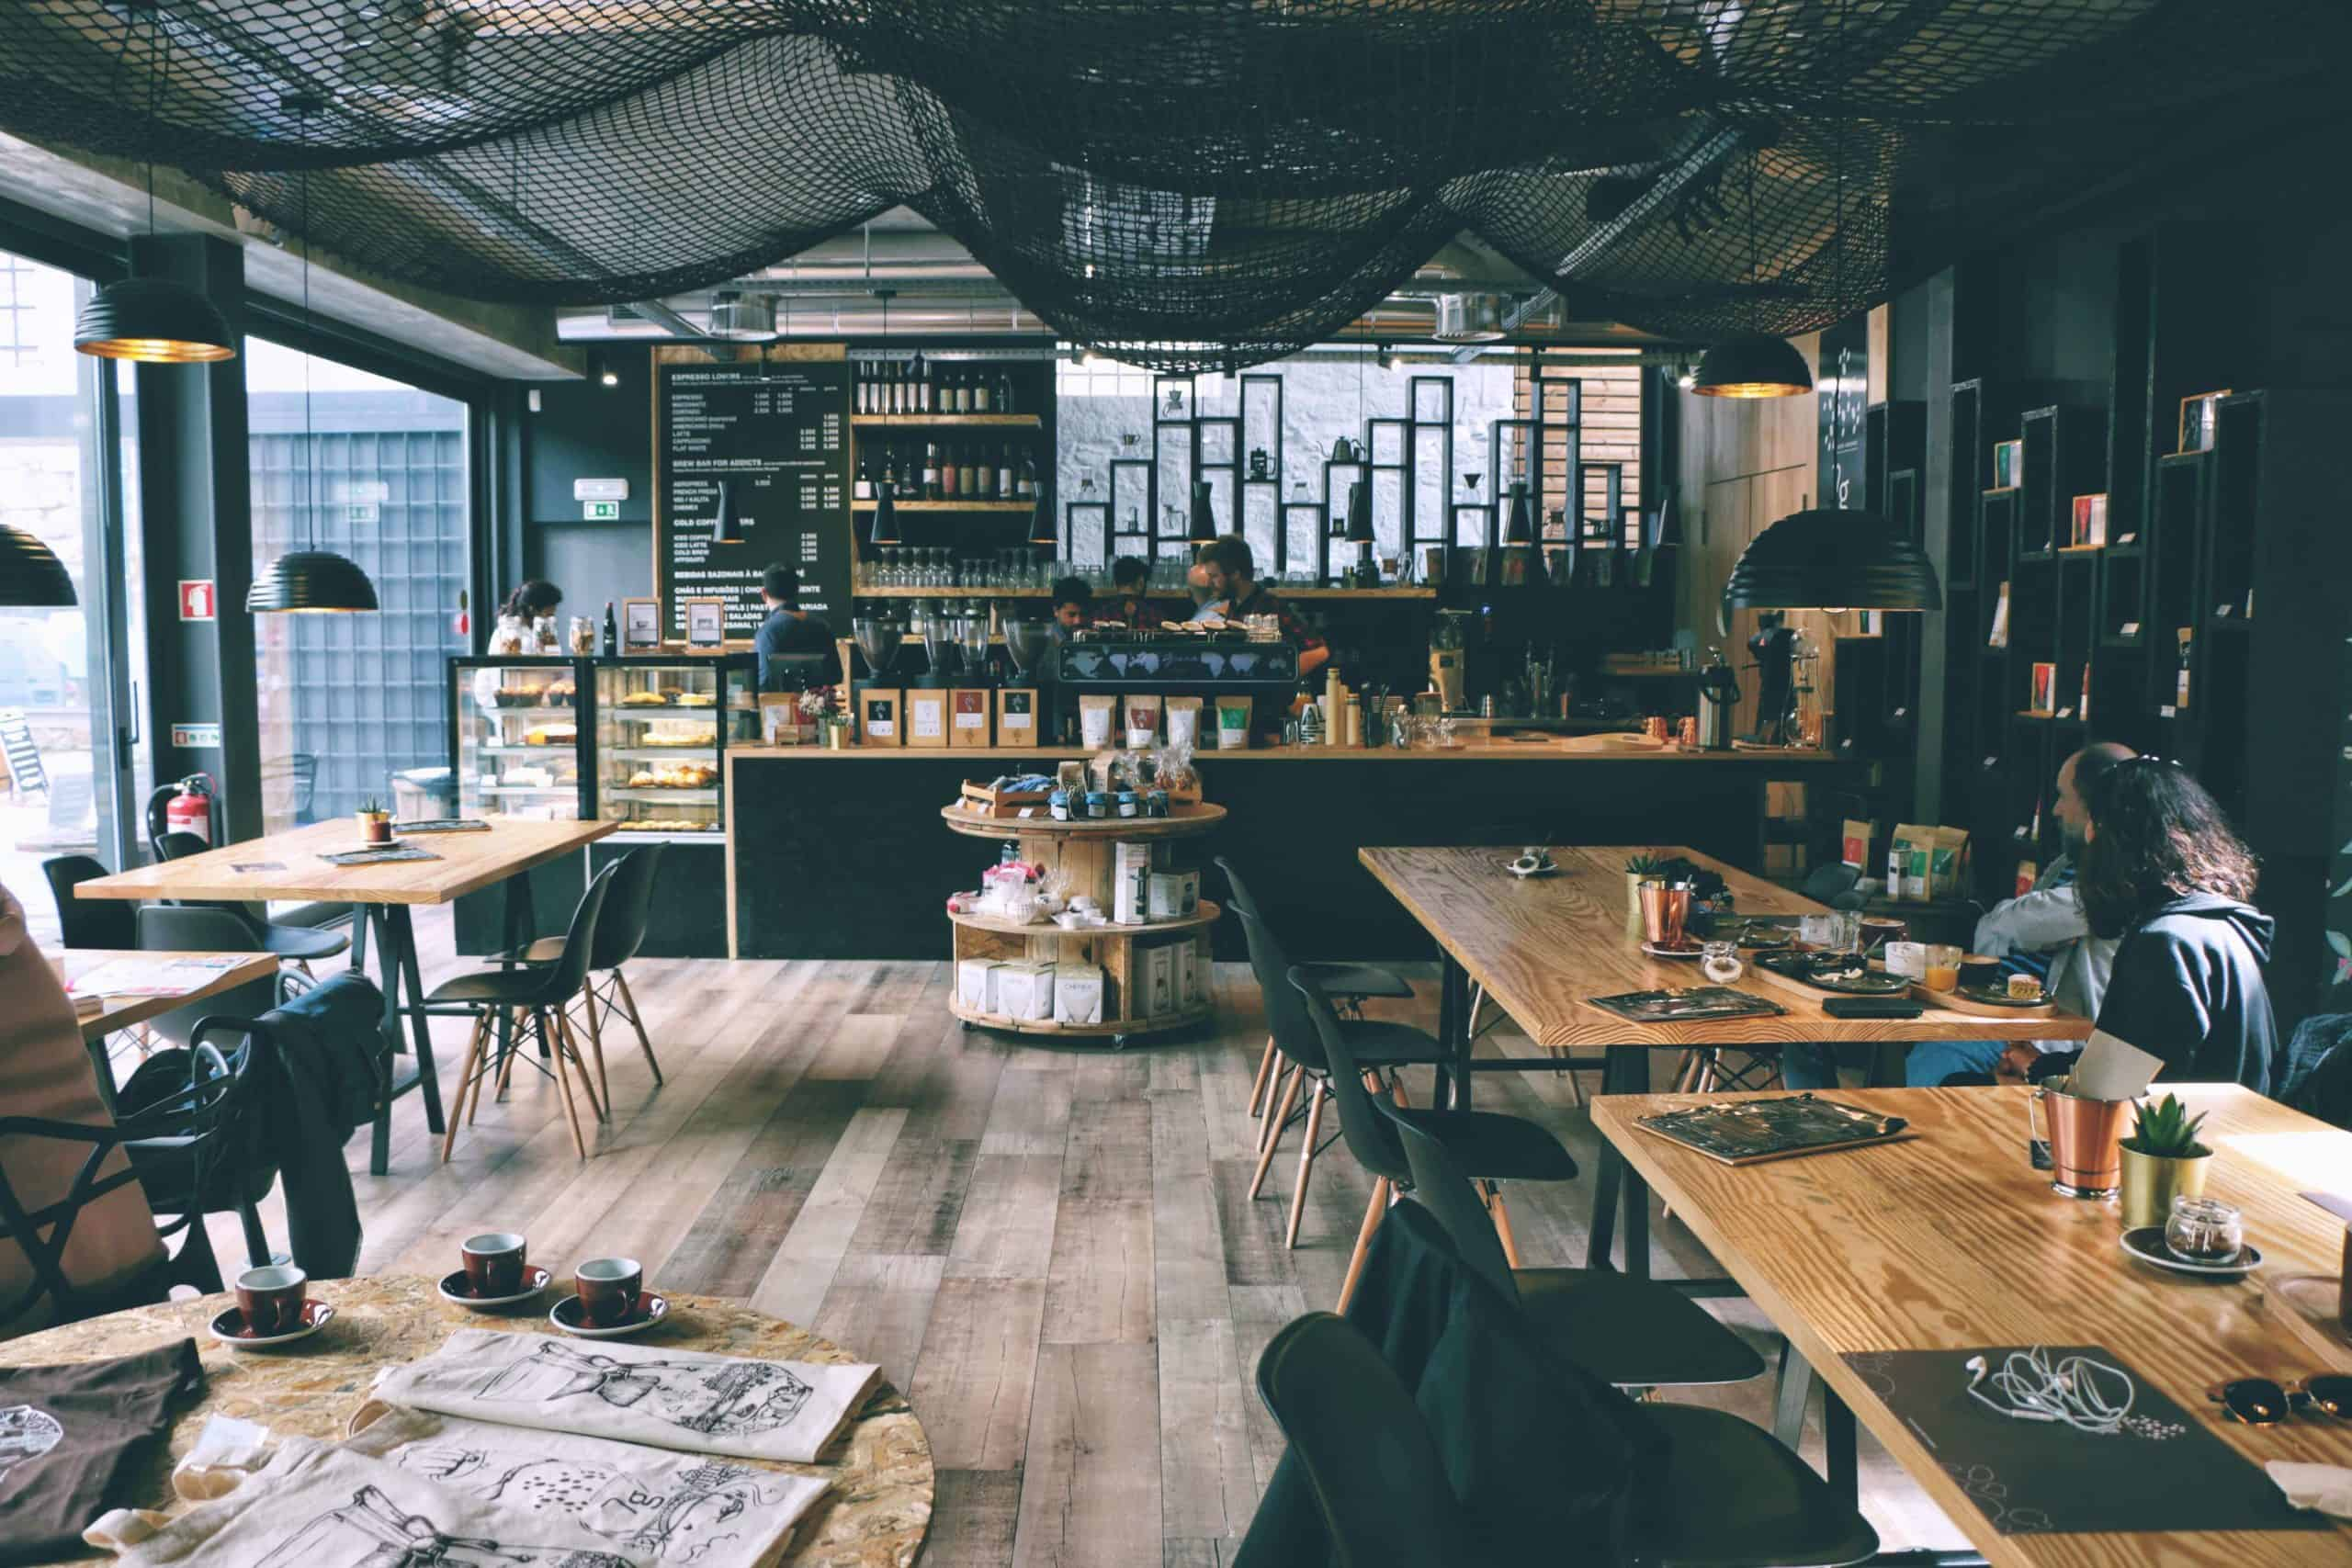 Bloomberg restaurant webinar